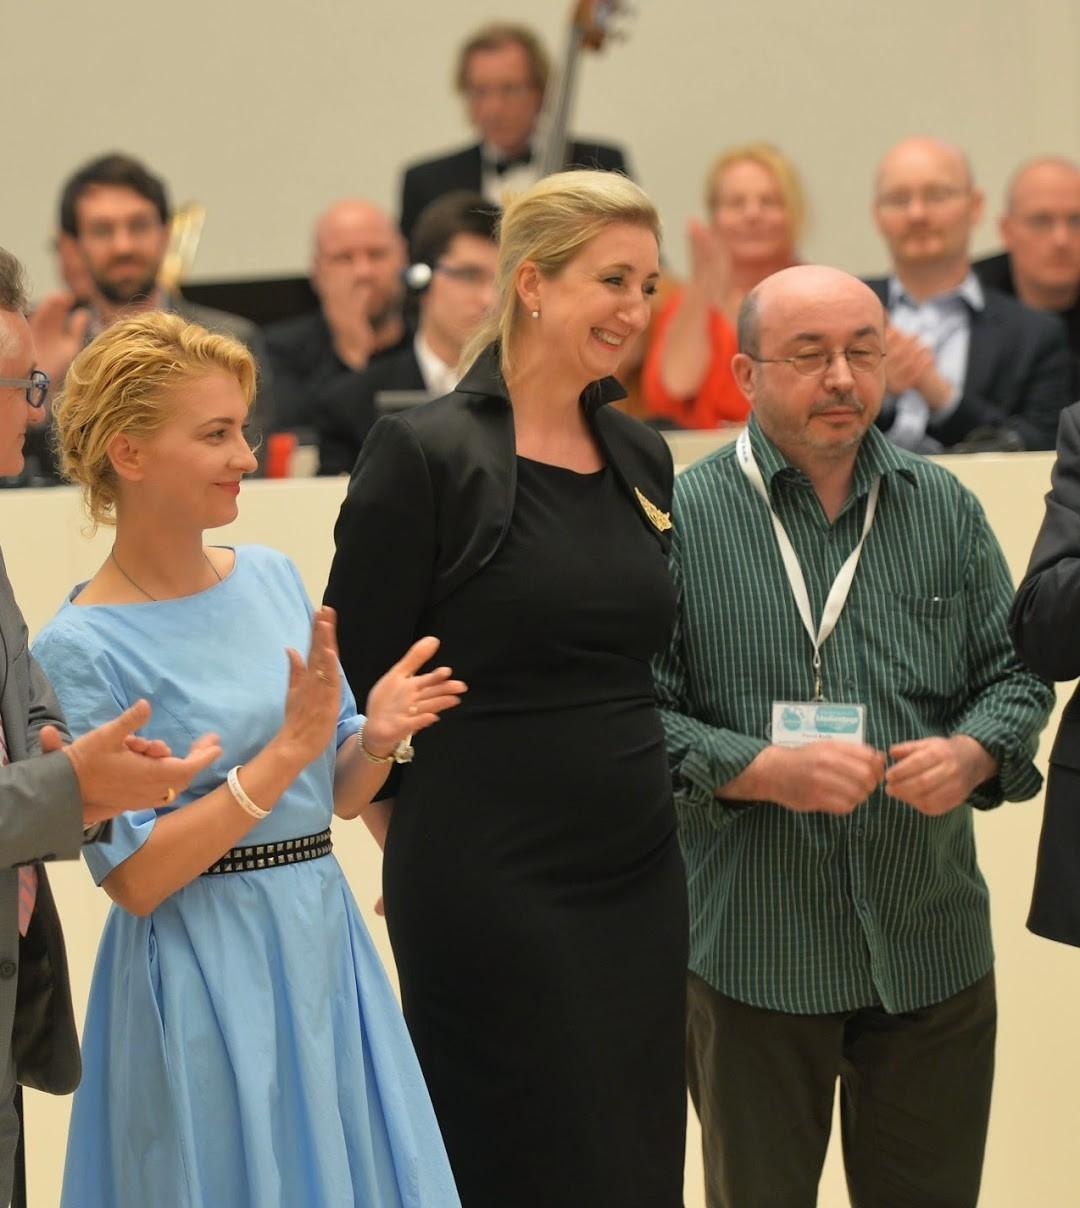 Verleihung des Deutsch-Polnischen Tadeusz-Mazowiecki-Journalistenpreises